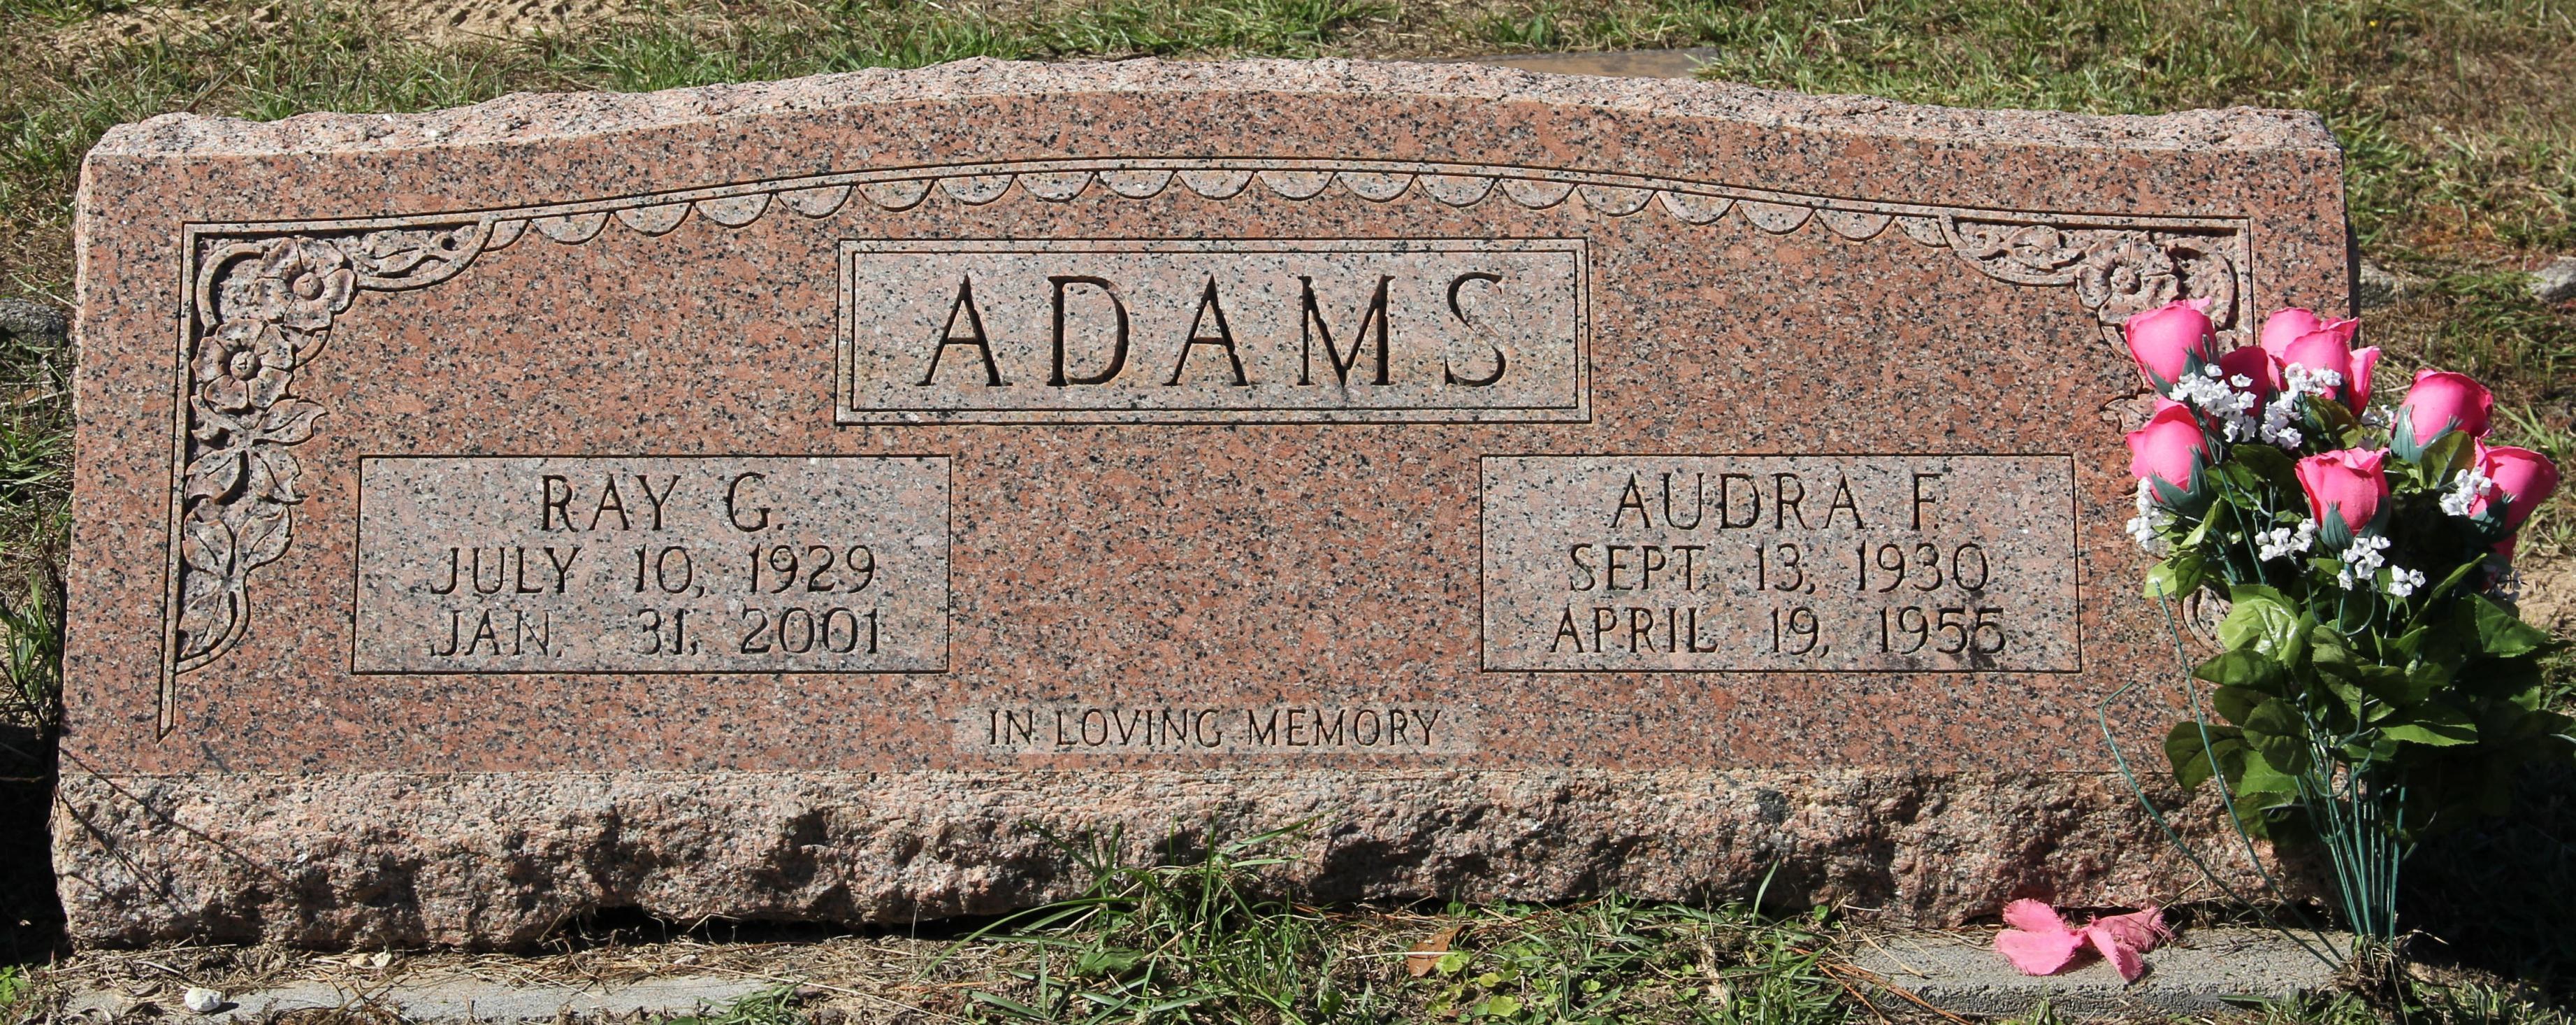 Ray G. Adams